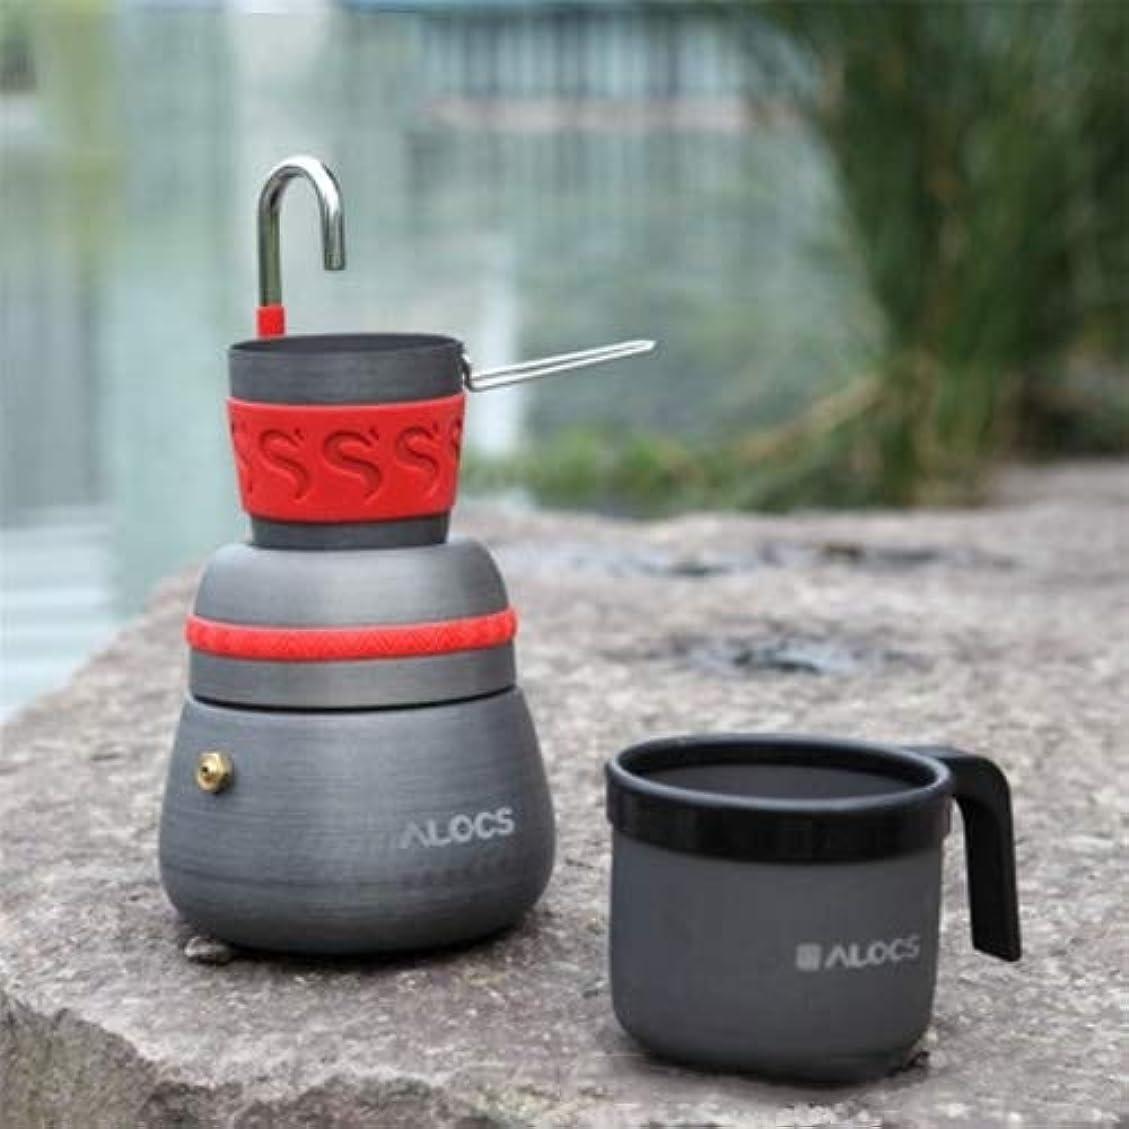 パフ狐達成する2つのコーヒーカップが付いている屋外のキャンプ用具のコーヒーストーブキャンプ用具